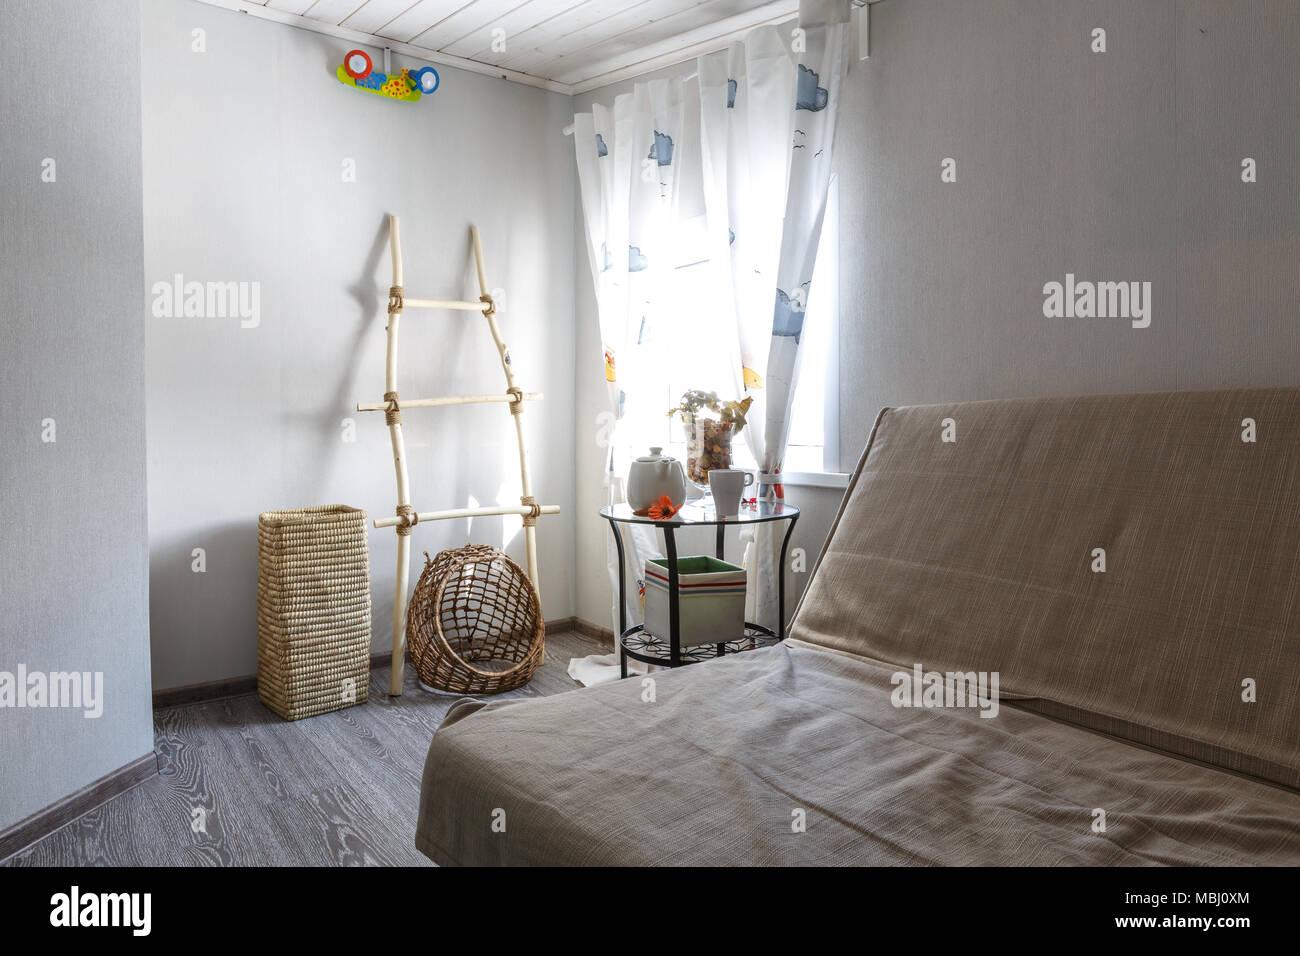 Innenraum Foto Für Designer Schlafzimmer Im Skandinavischen Stil Ferienhaus  Aus Holz Mit Dekorativen Details.